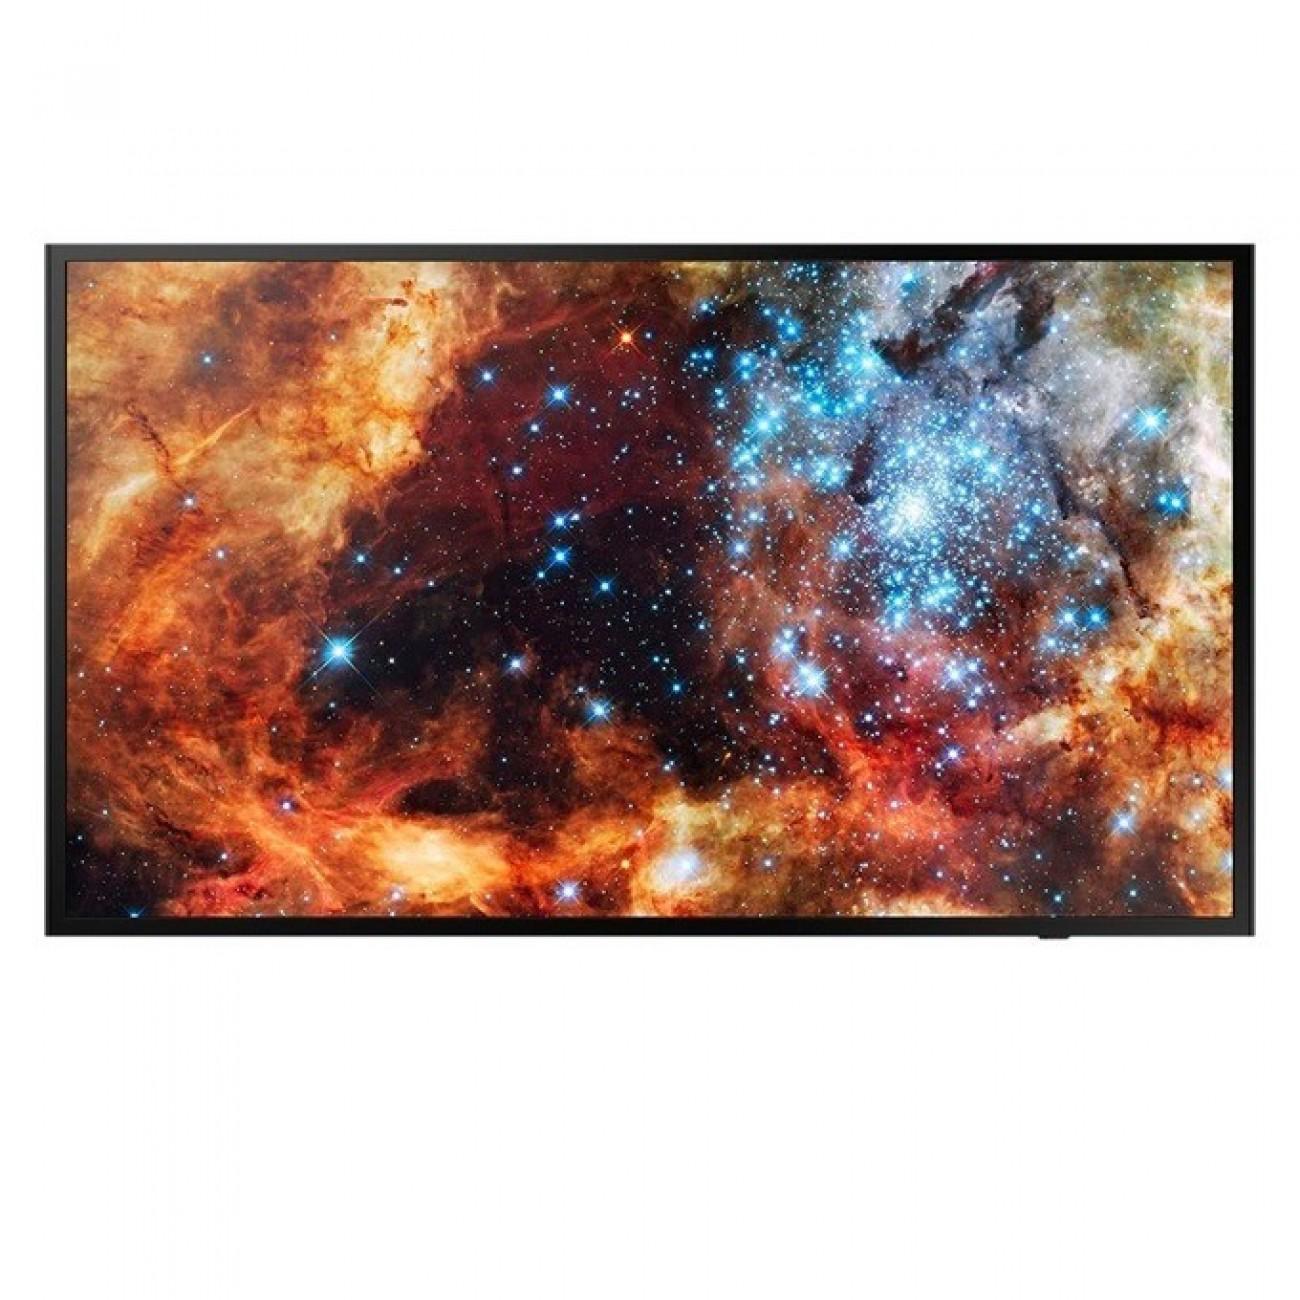 Публичен дисплей Samsung LH49DBJPLGC/EN, 49 (124.46 cm) Full HD, HDMI, DVI в Специализирани Монитори -  | Alleop